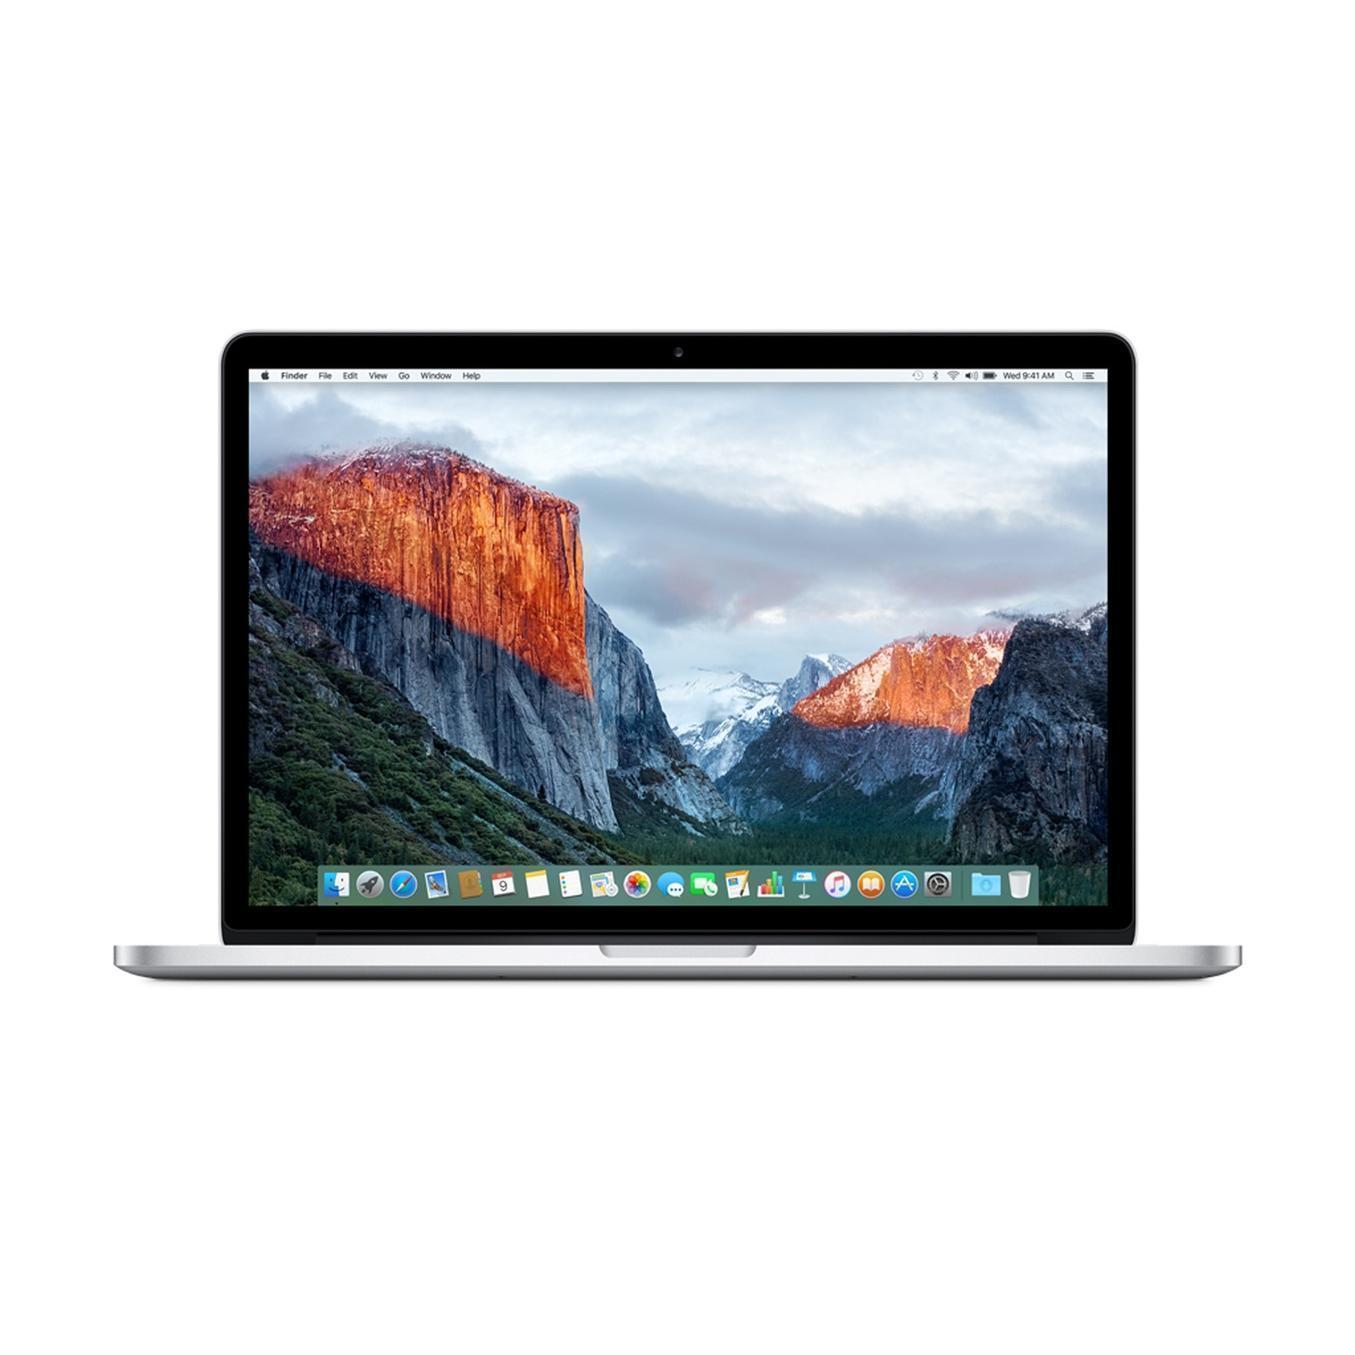 MacBook Pro Retina 15,4-tum (2014) - Core i7 - 16GB - SSD 500 GB QWERTY - Italienska